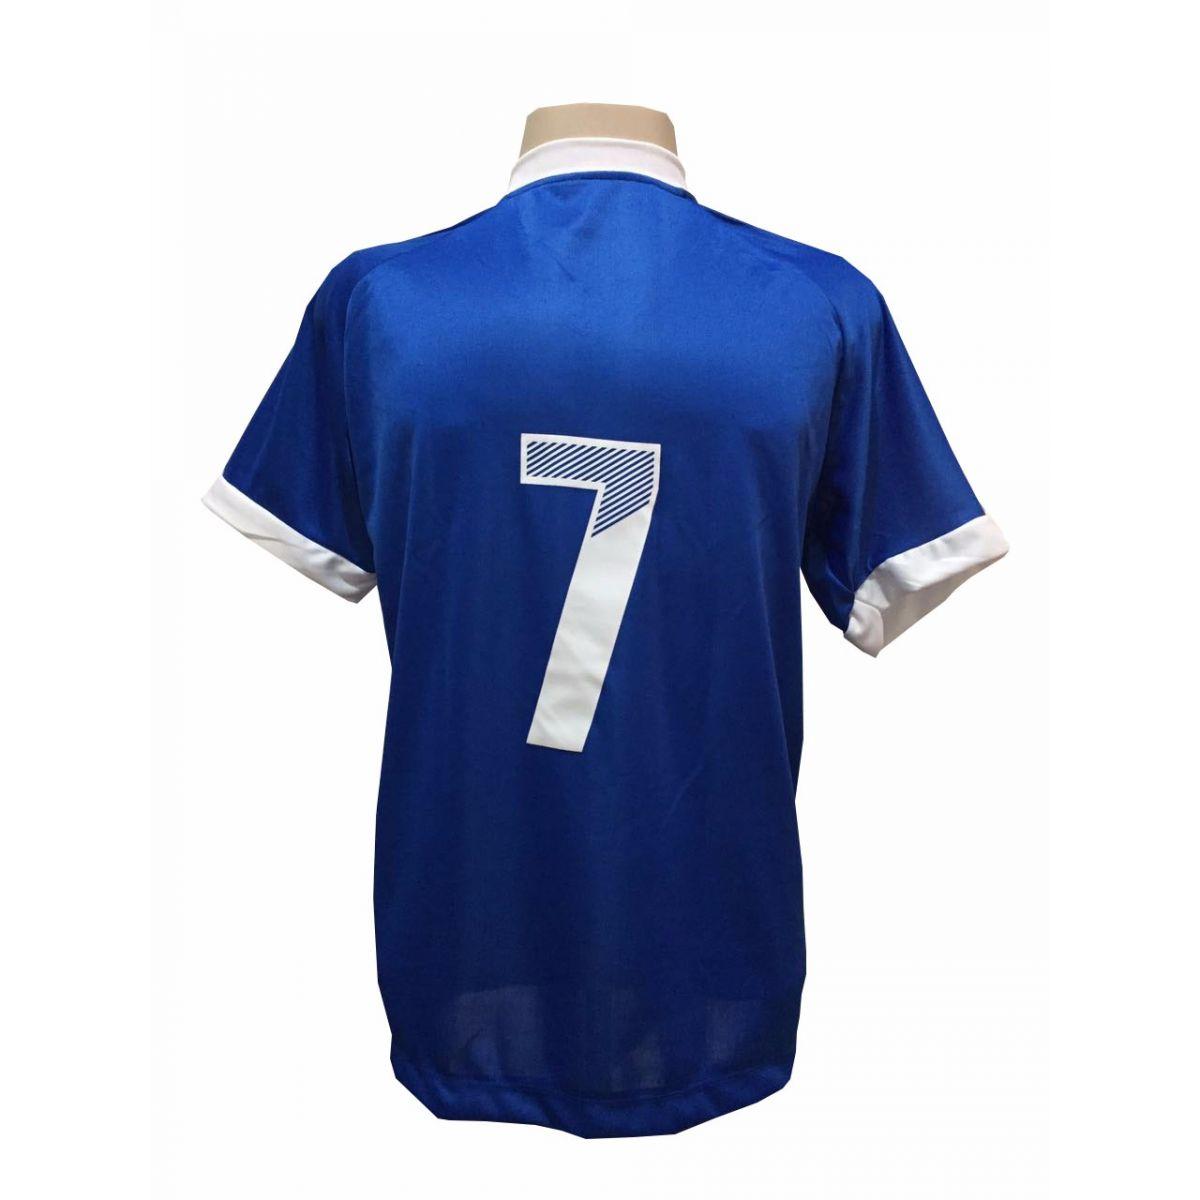 Uniforme Esportivo com 20 Camisas modelo Bélgica Royal/Branco + 20 Calções modelo Madrid Royal